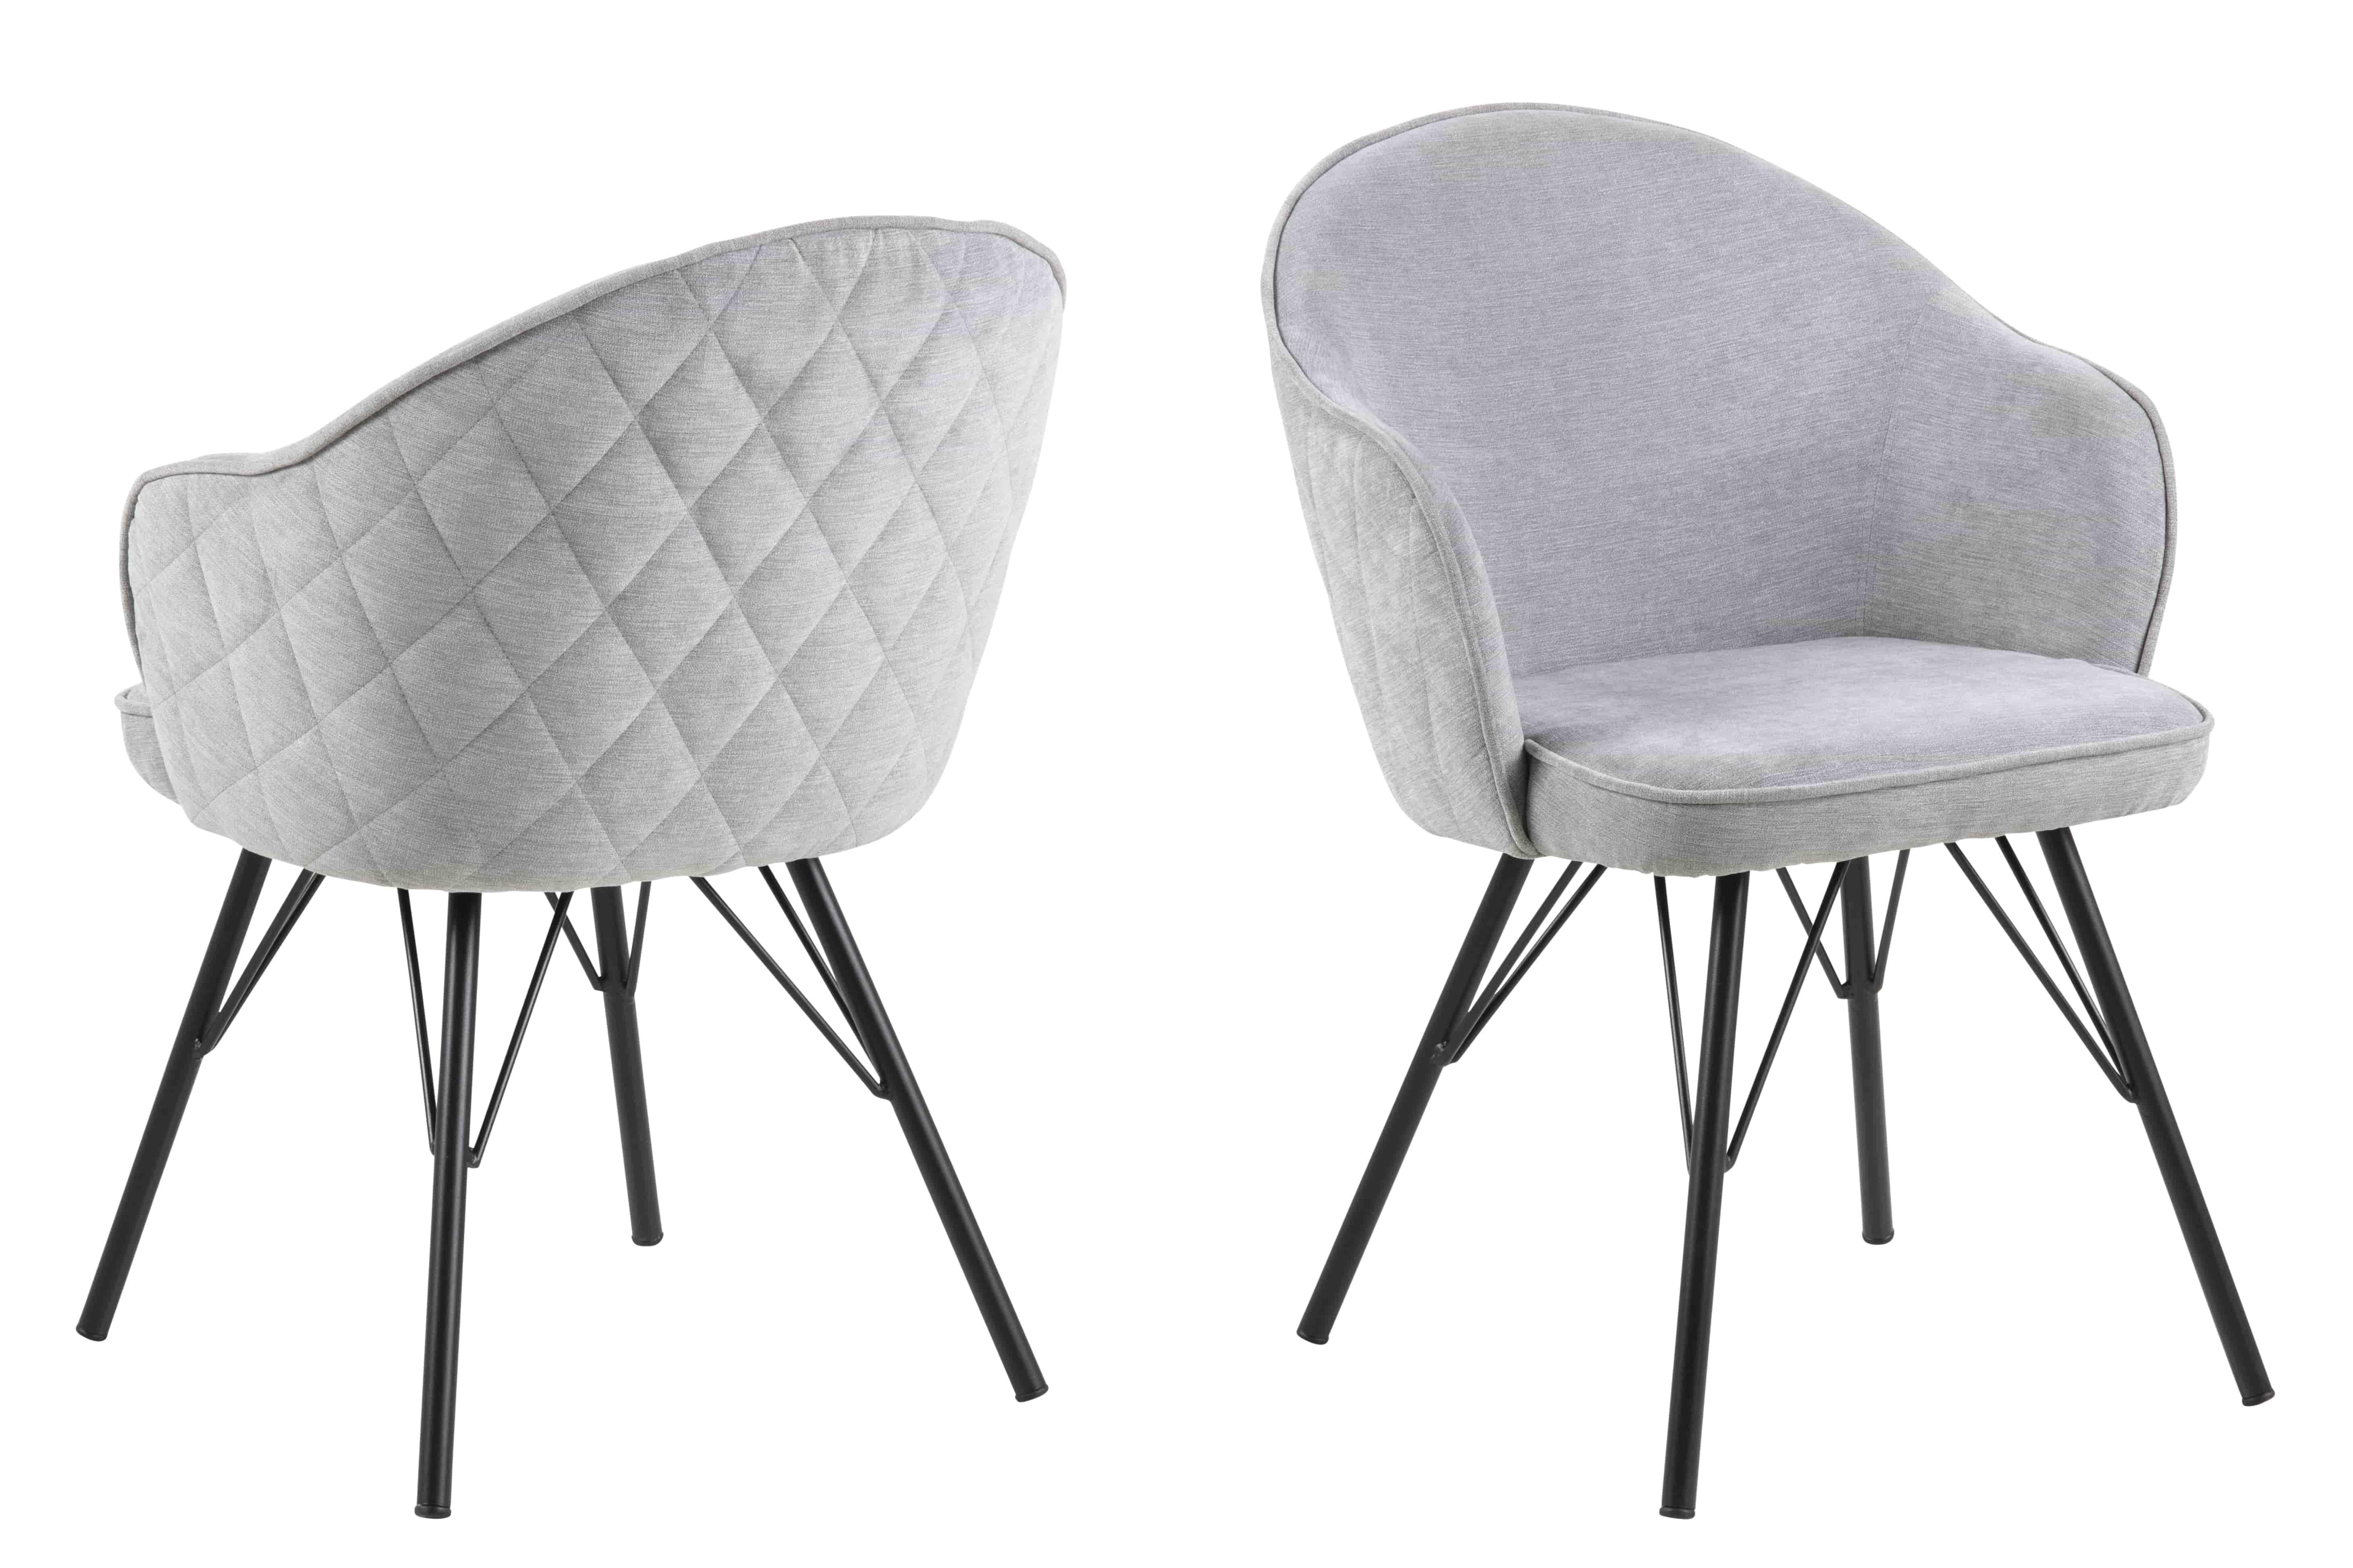 Mitzie spisebordsstol - grå/sort stof/metal, m. armlæn